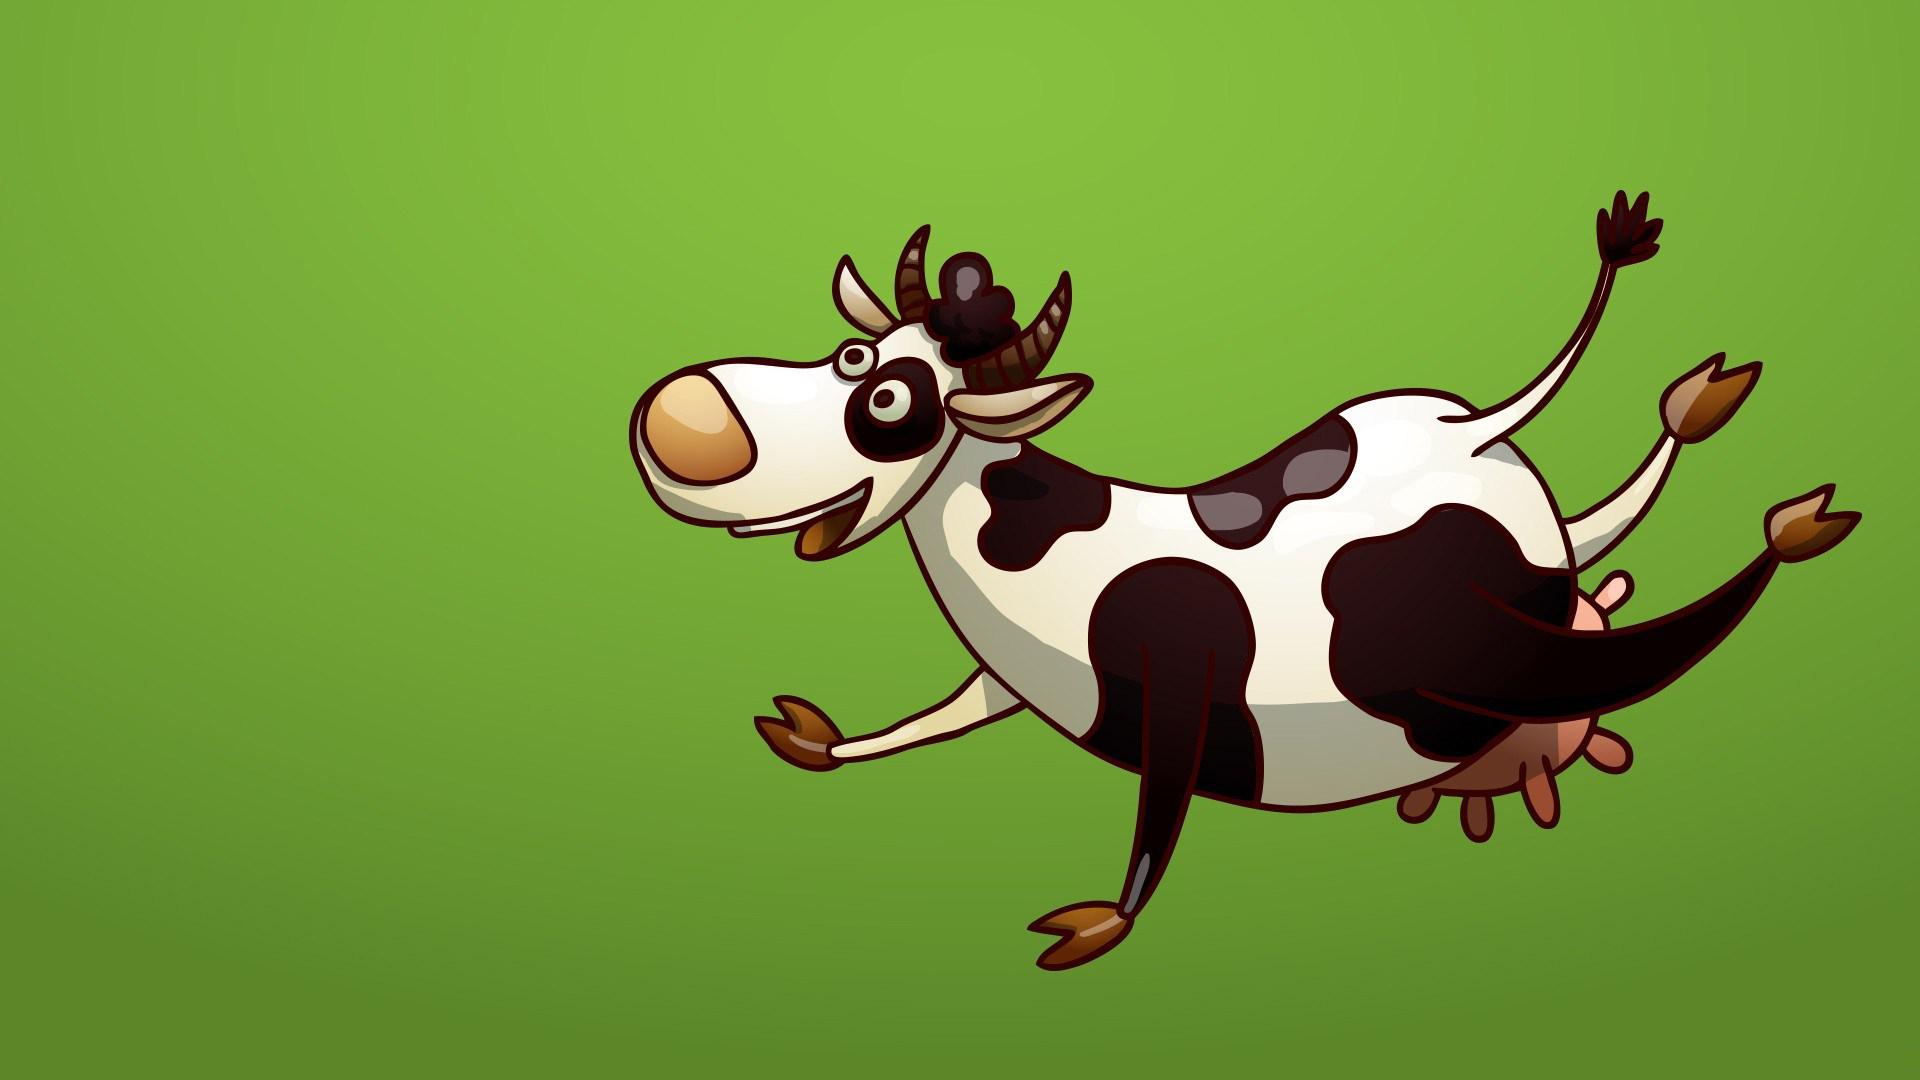 Hình nền hoạt hình – Con bò cười vô cùng ngộ nghĩnh